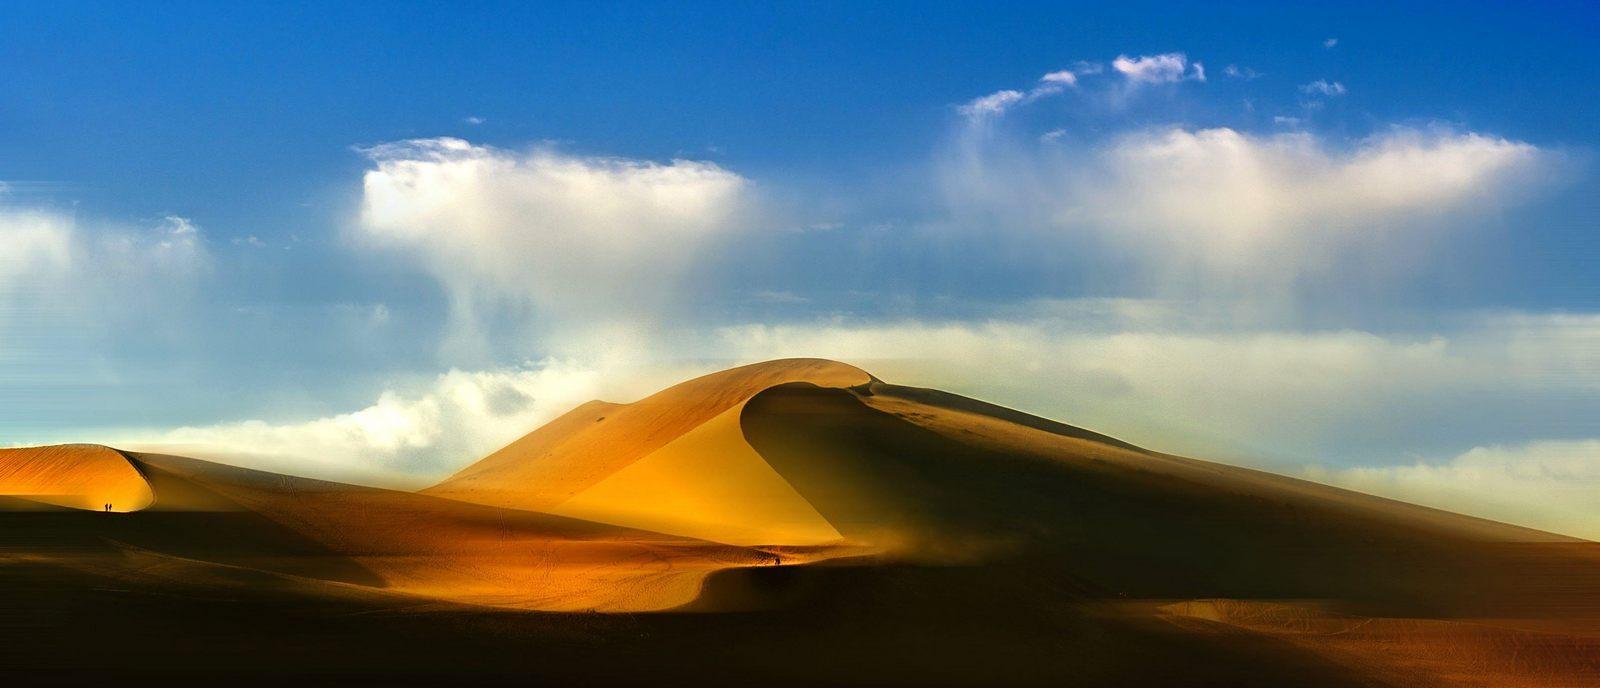 山海原野作品:沙漠光影